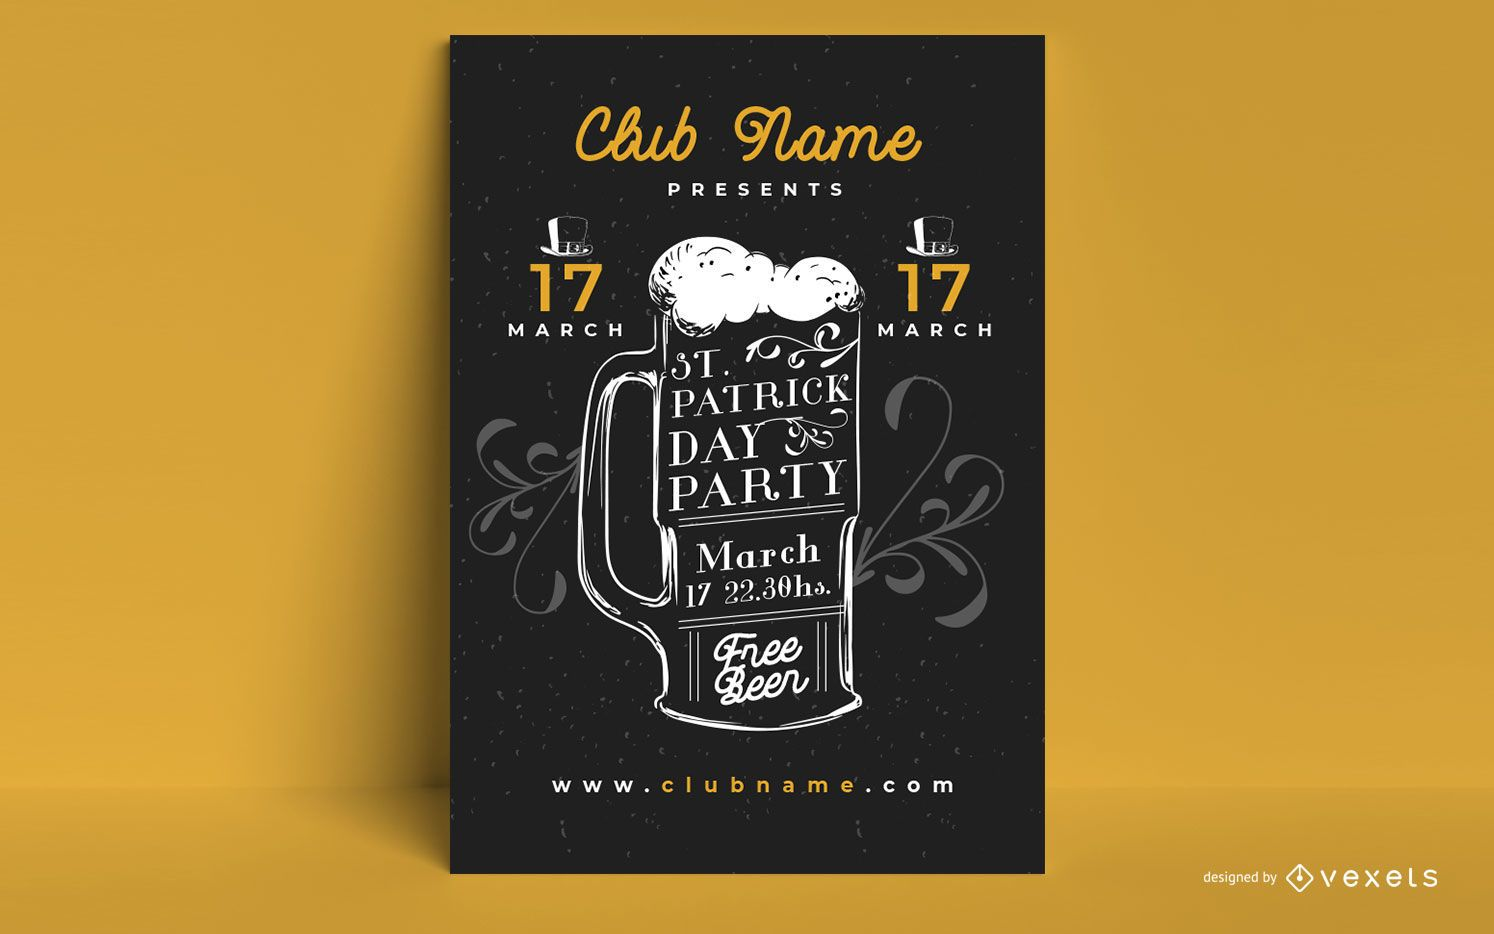 St particks Bier Party Poster